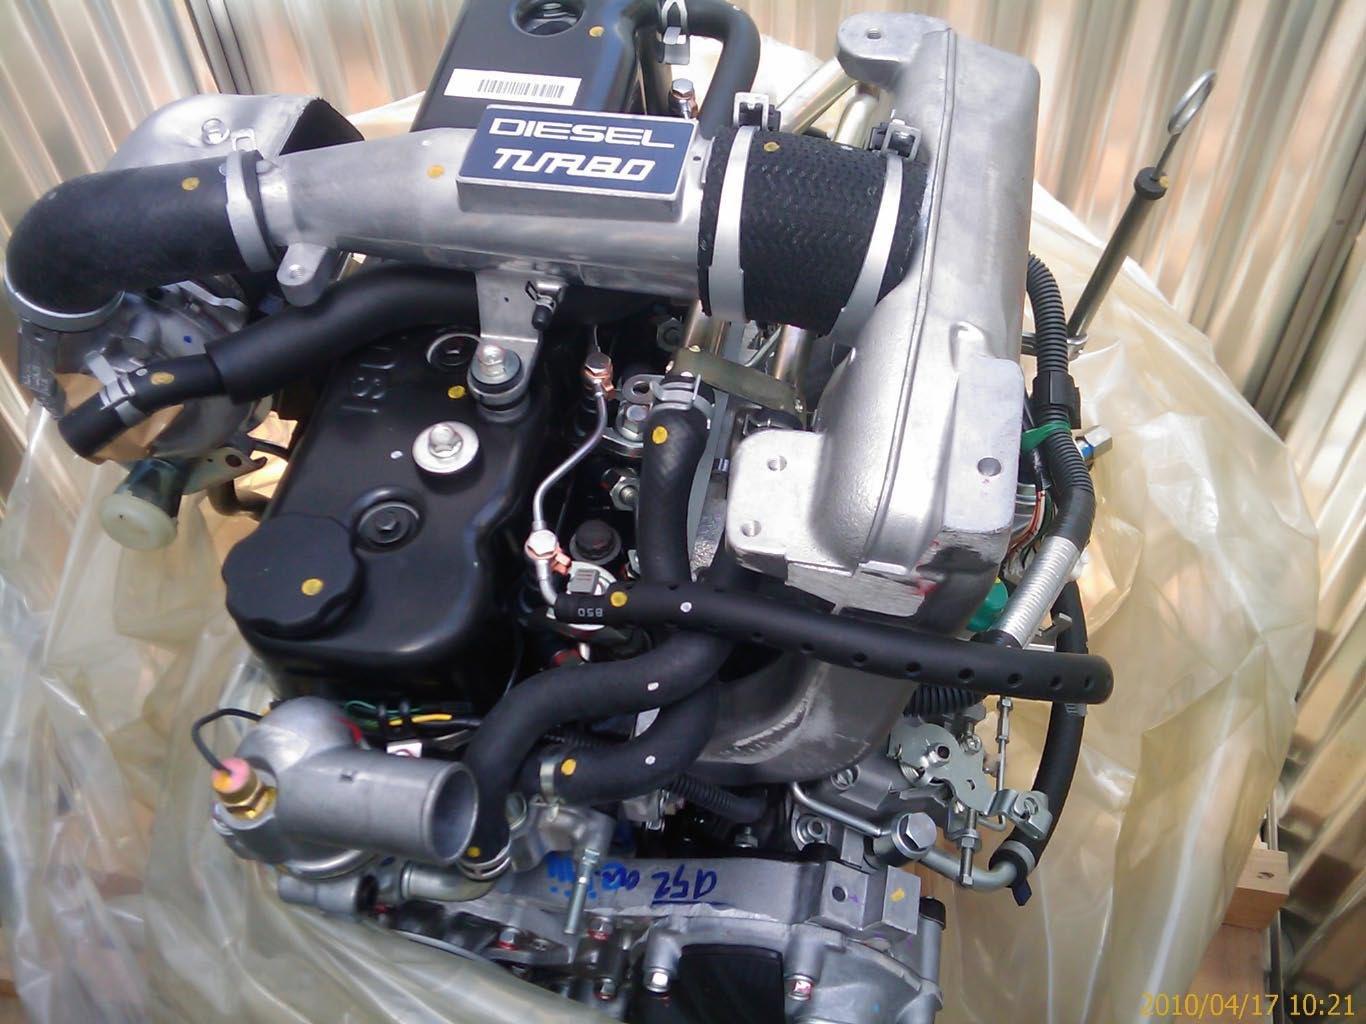 isuzu dmax wiring diagram 1980 toyota pickup japan 4 cylinder 2500 4ja1 t genuine parts diesel